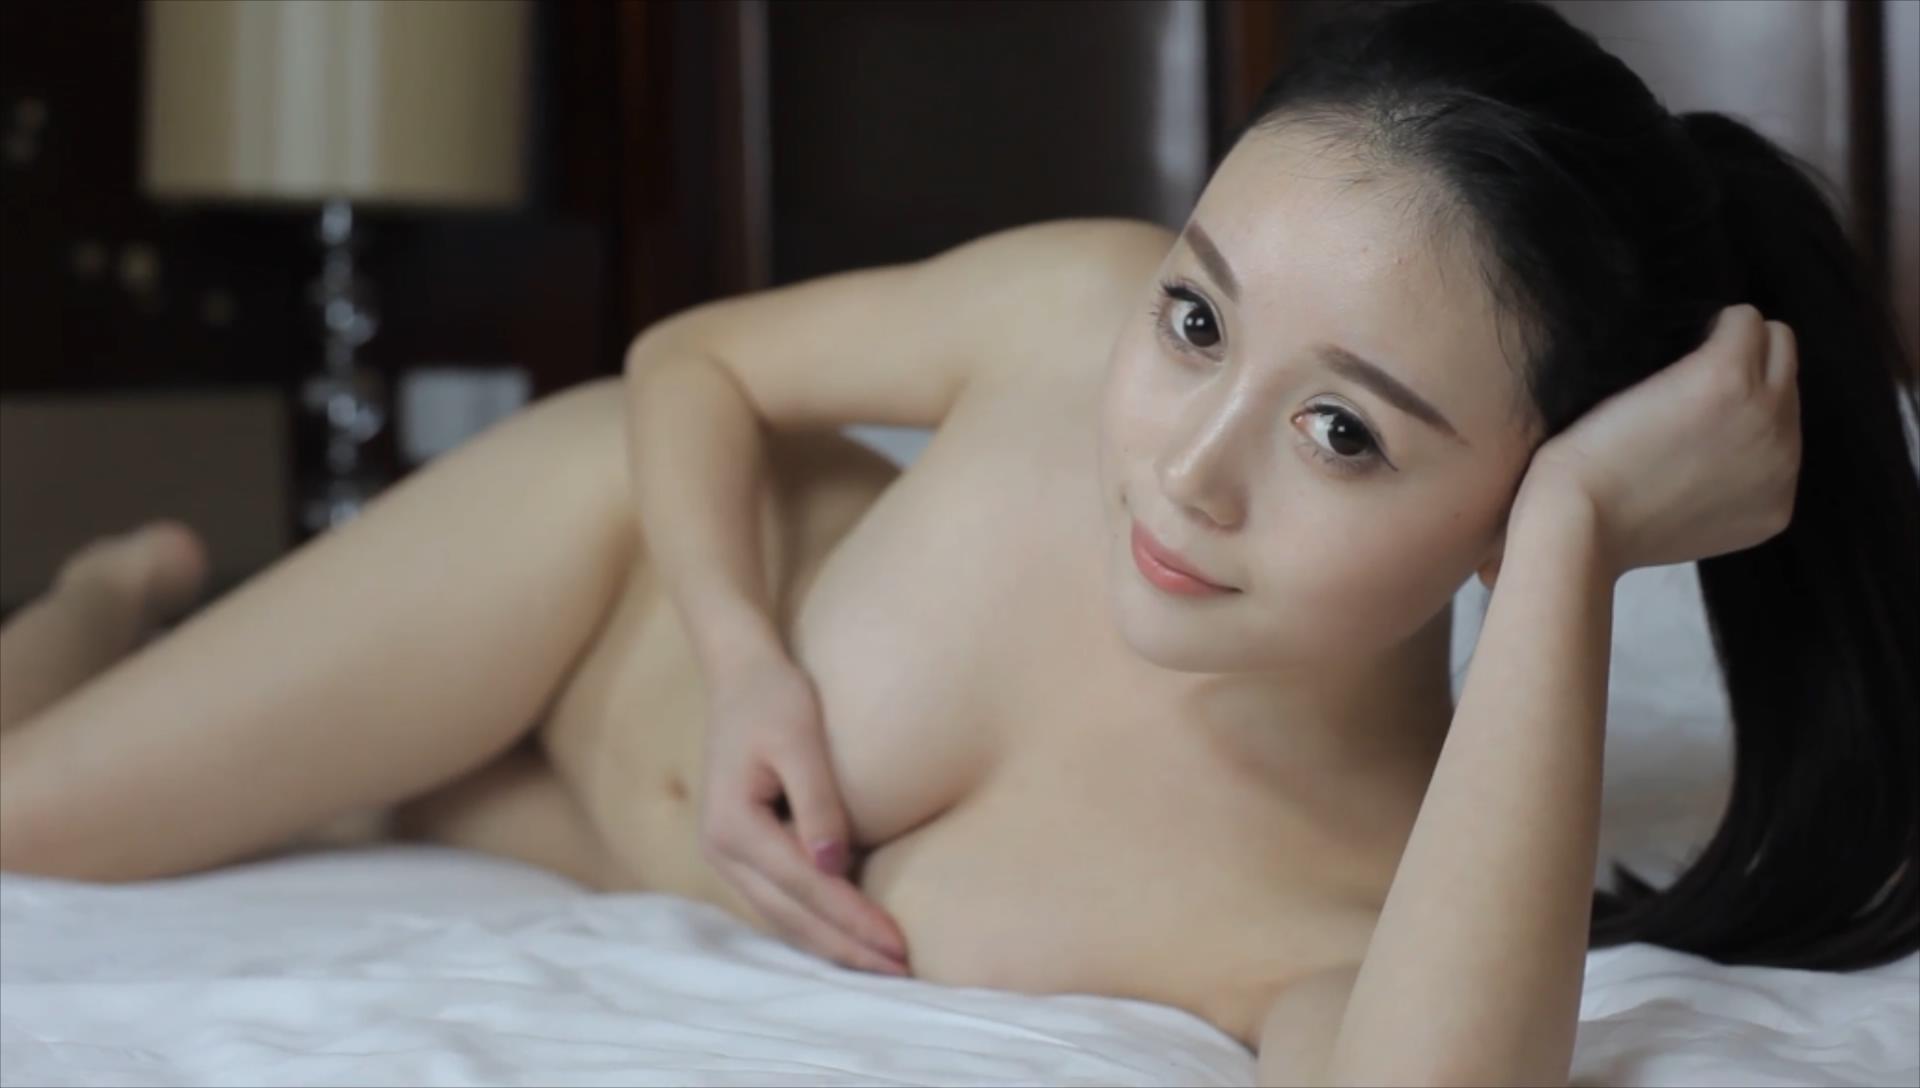 [写真视频]秀人網嫩模趙小米Kitty全裸私拍1080P[1V/487M]